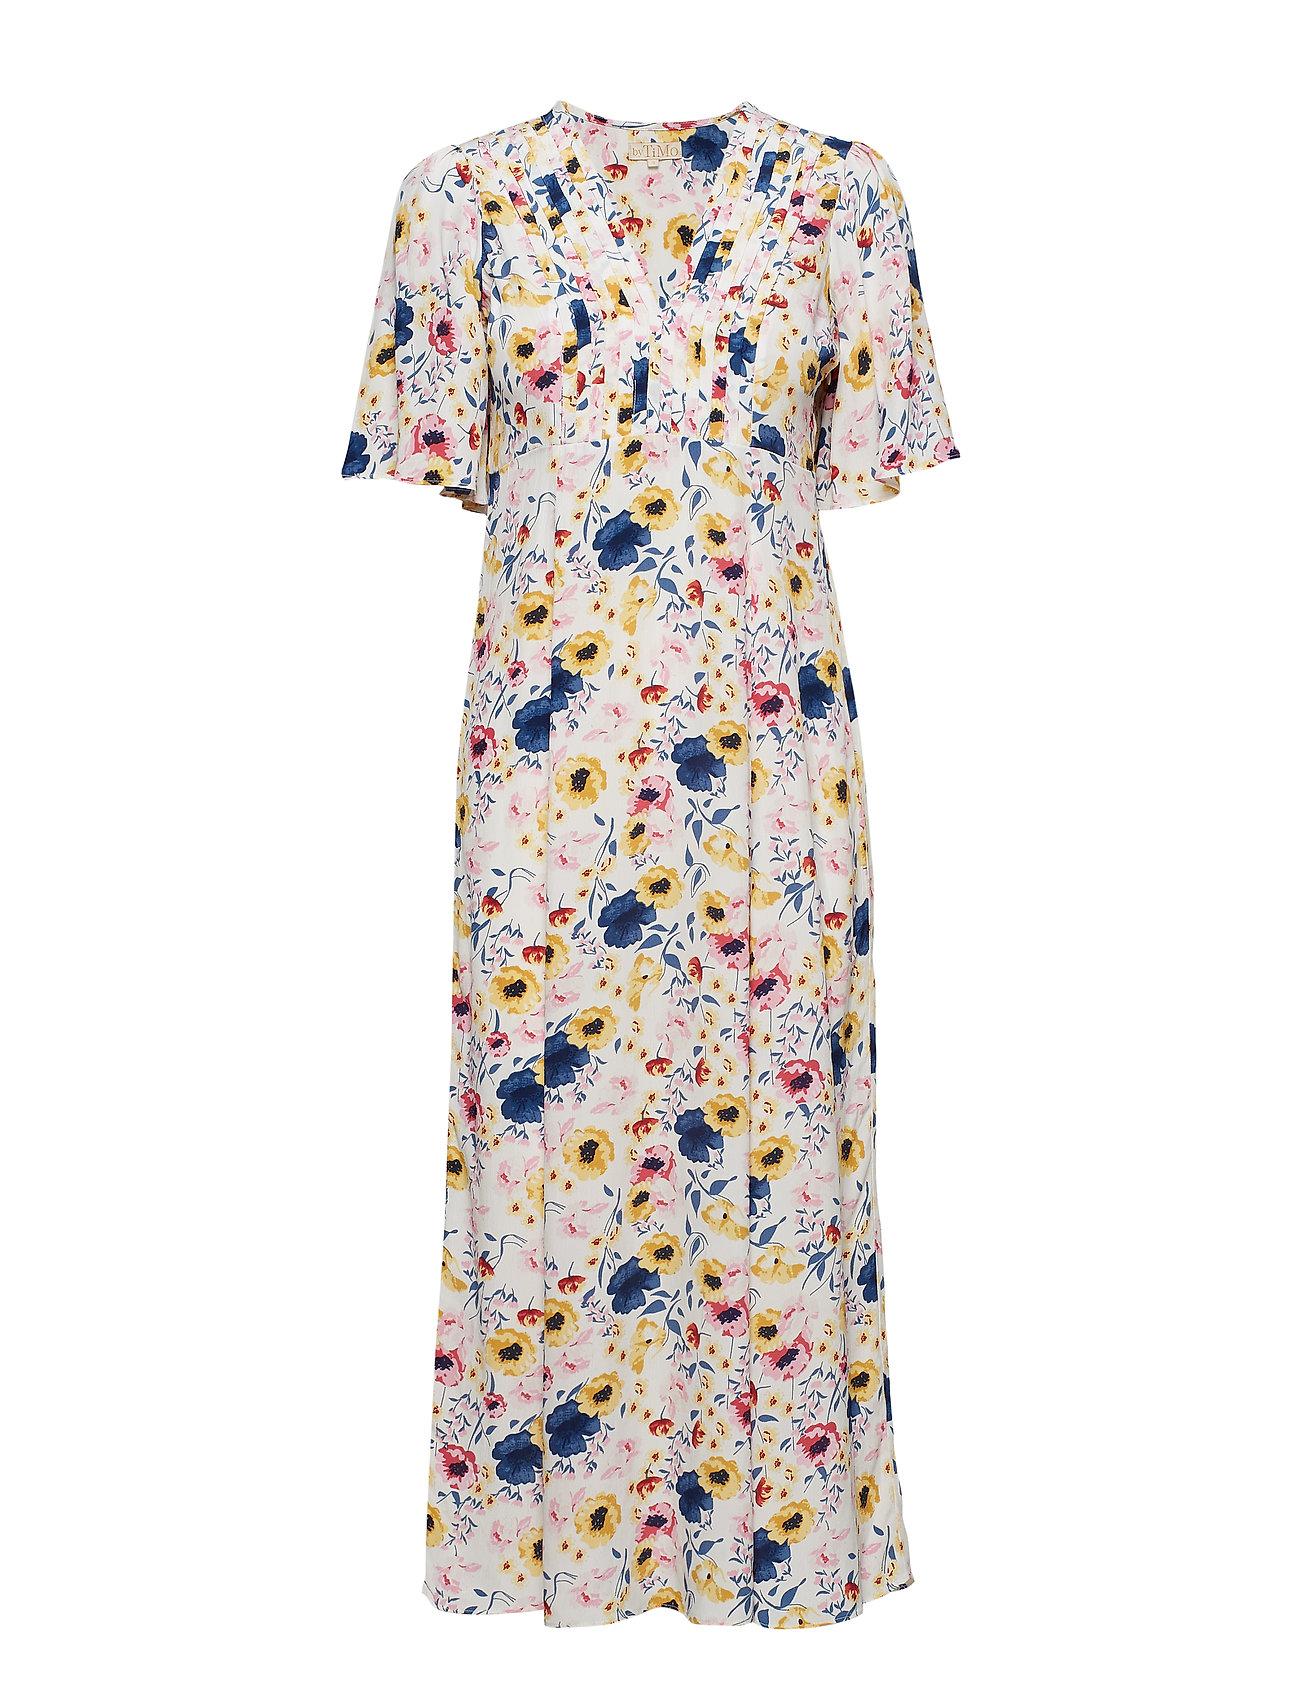 Day Mo Midi WhiteBy Dressflora Ti iTOkuwPZXl